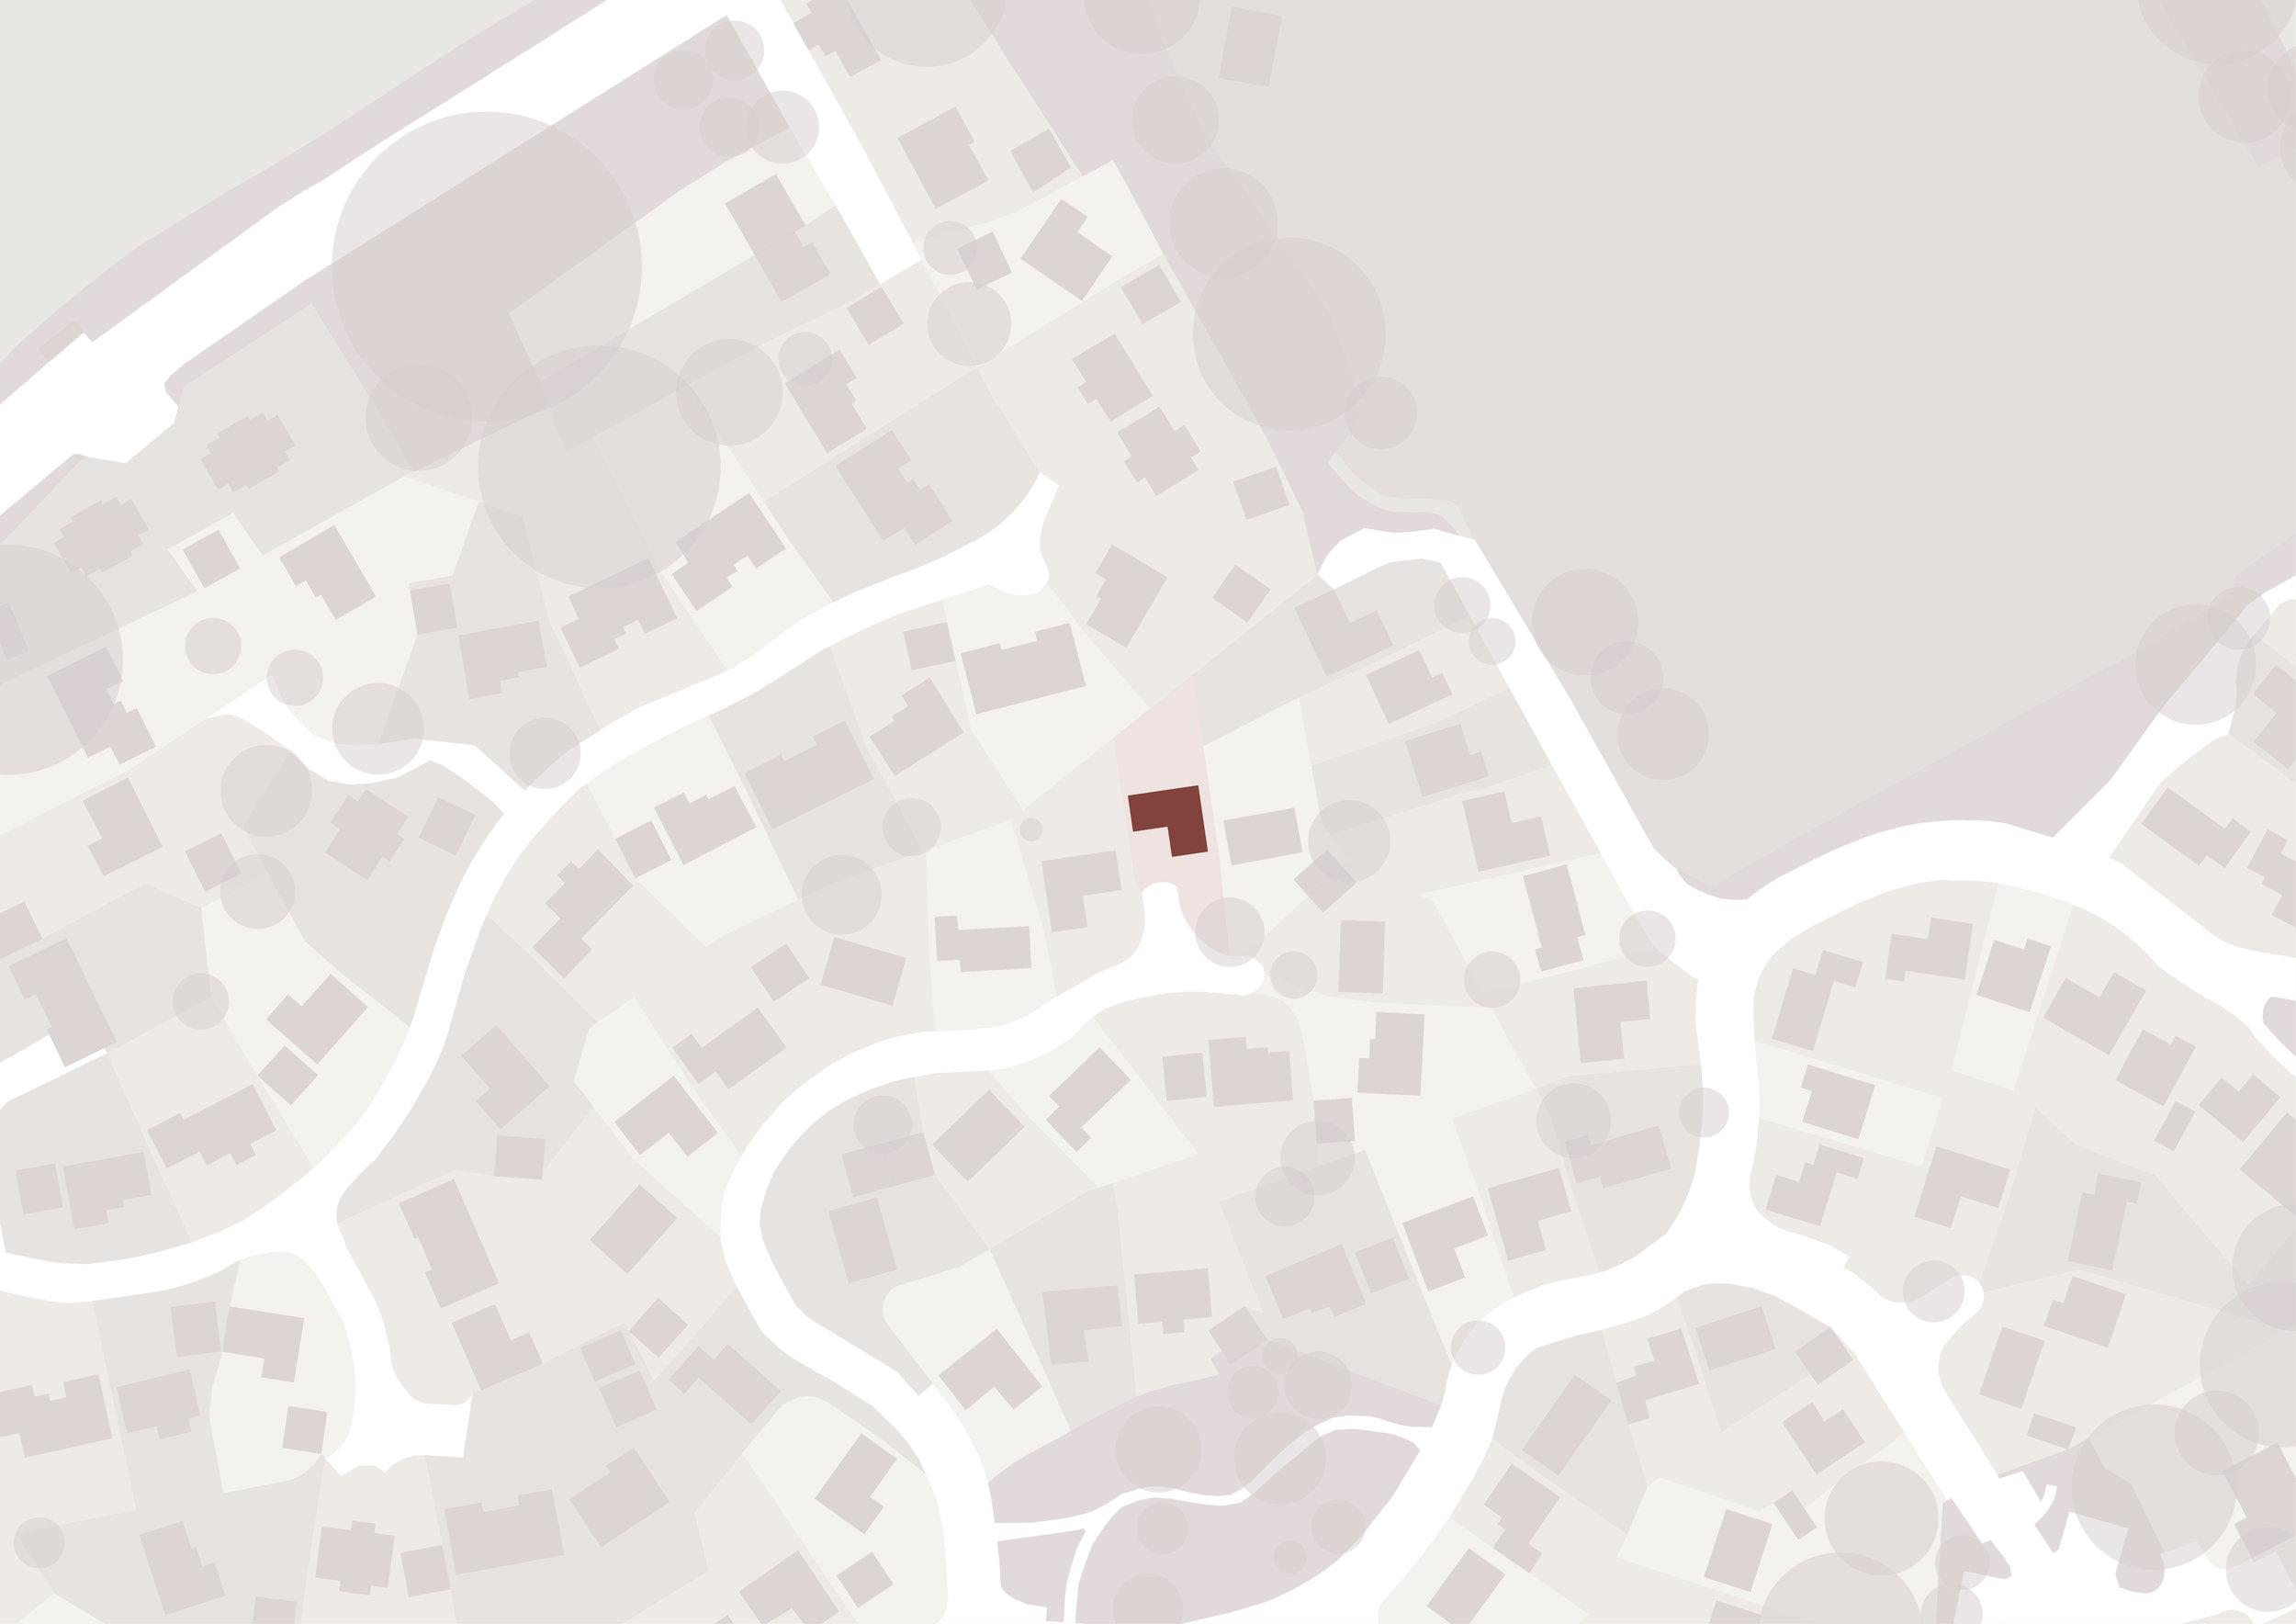 Speedwell House Map - Beverley Architects - Samuel Kendall Associates.jpg